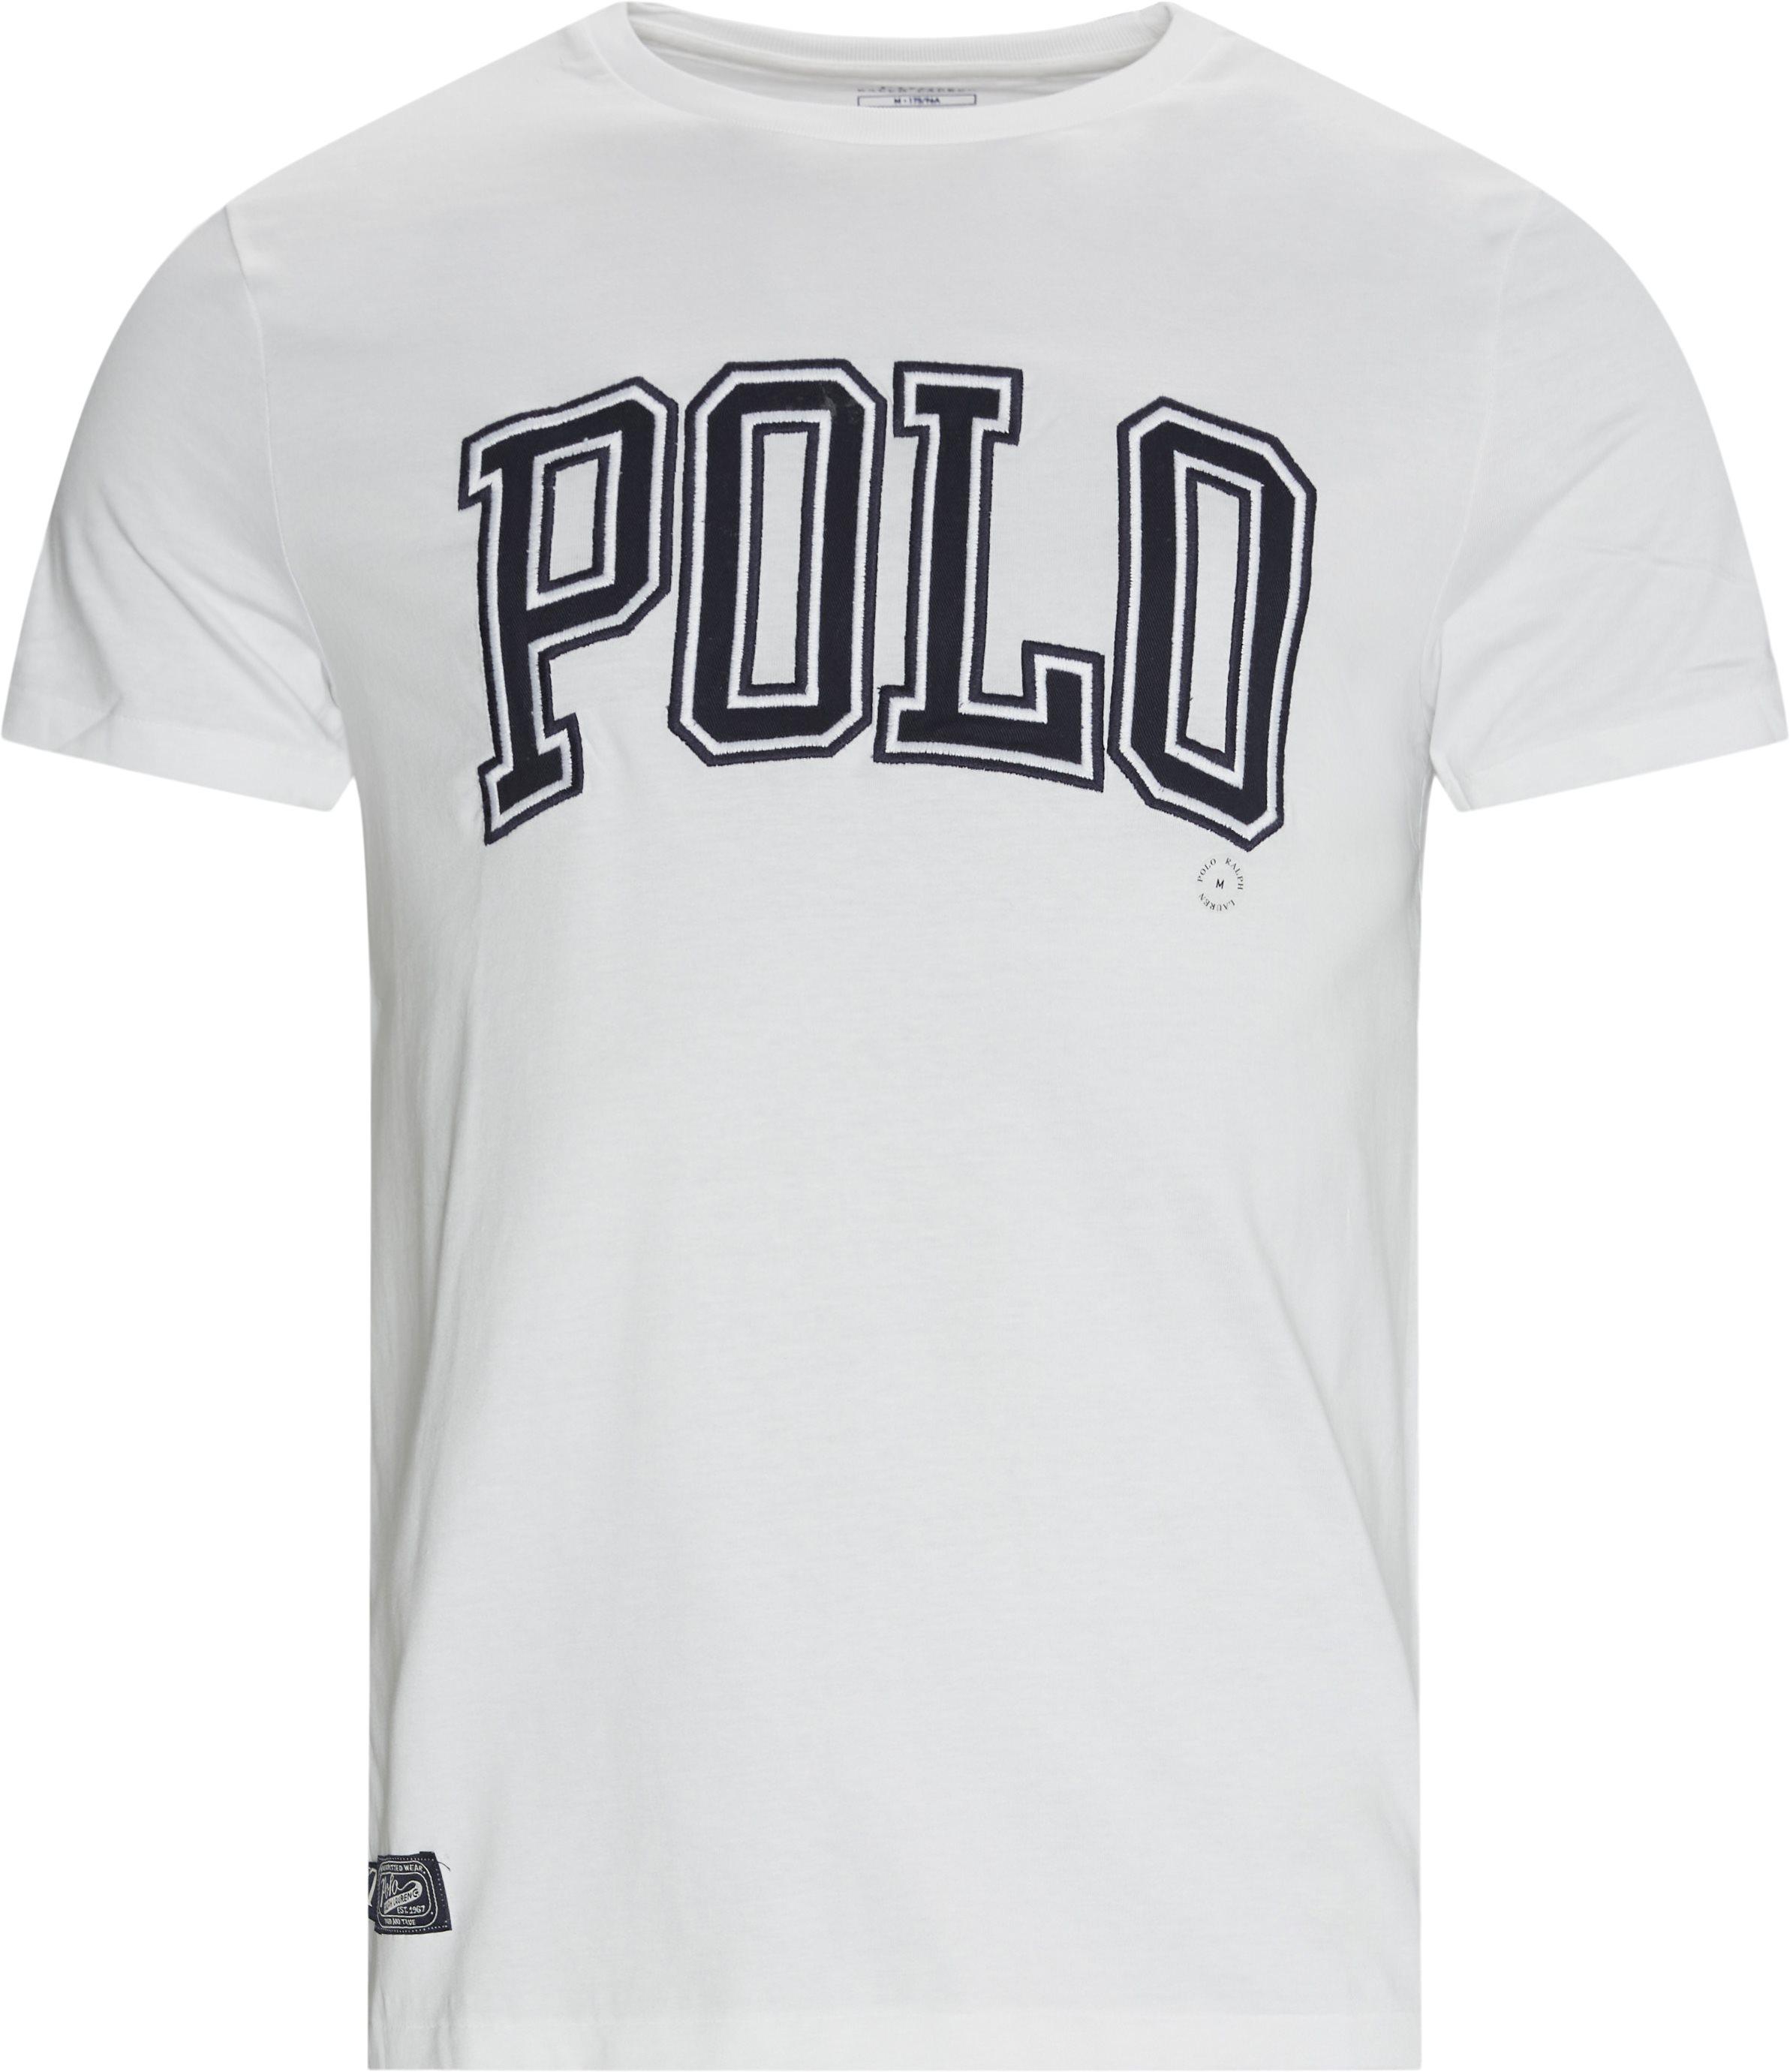 Logo Tee - T-shirts - Regular - White